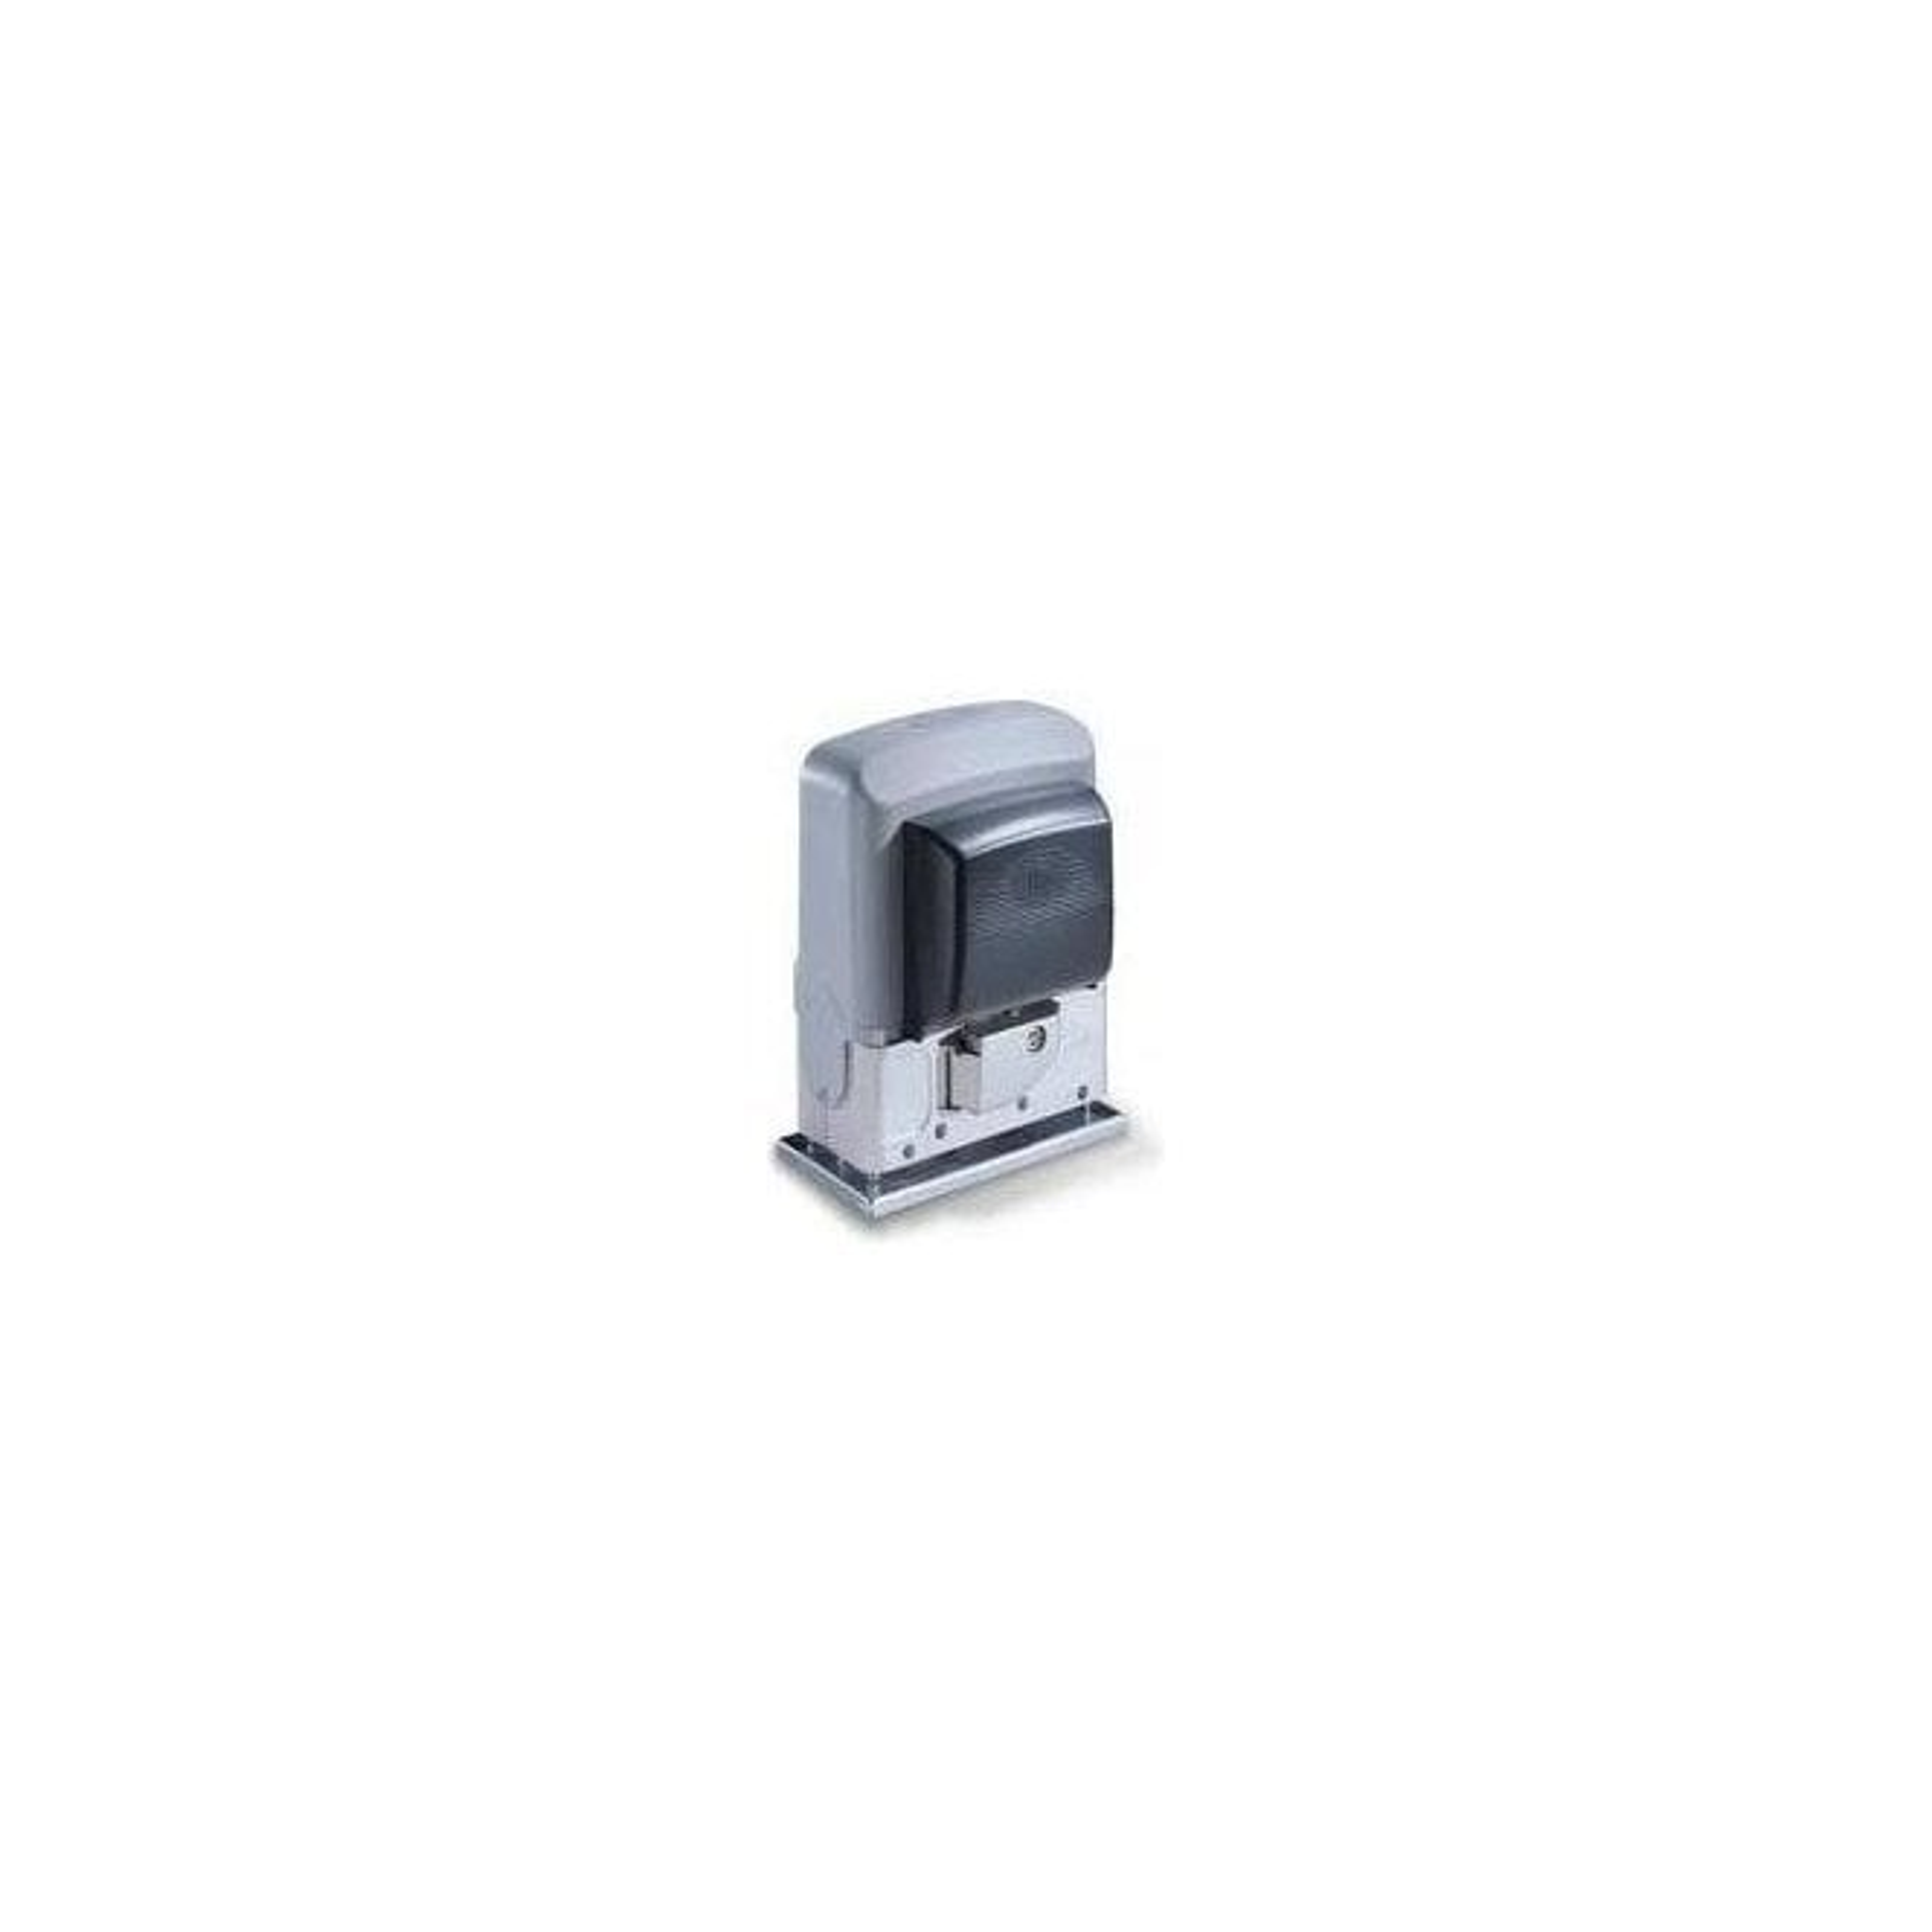 CAME BK-1200P 230v Sliding gate motor